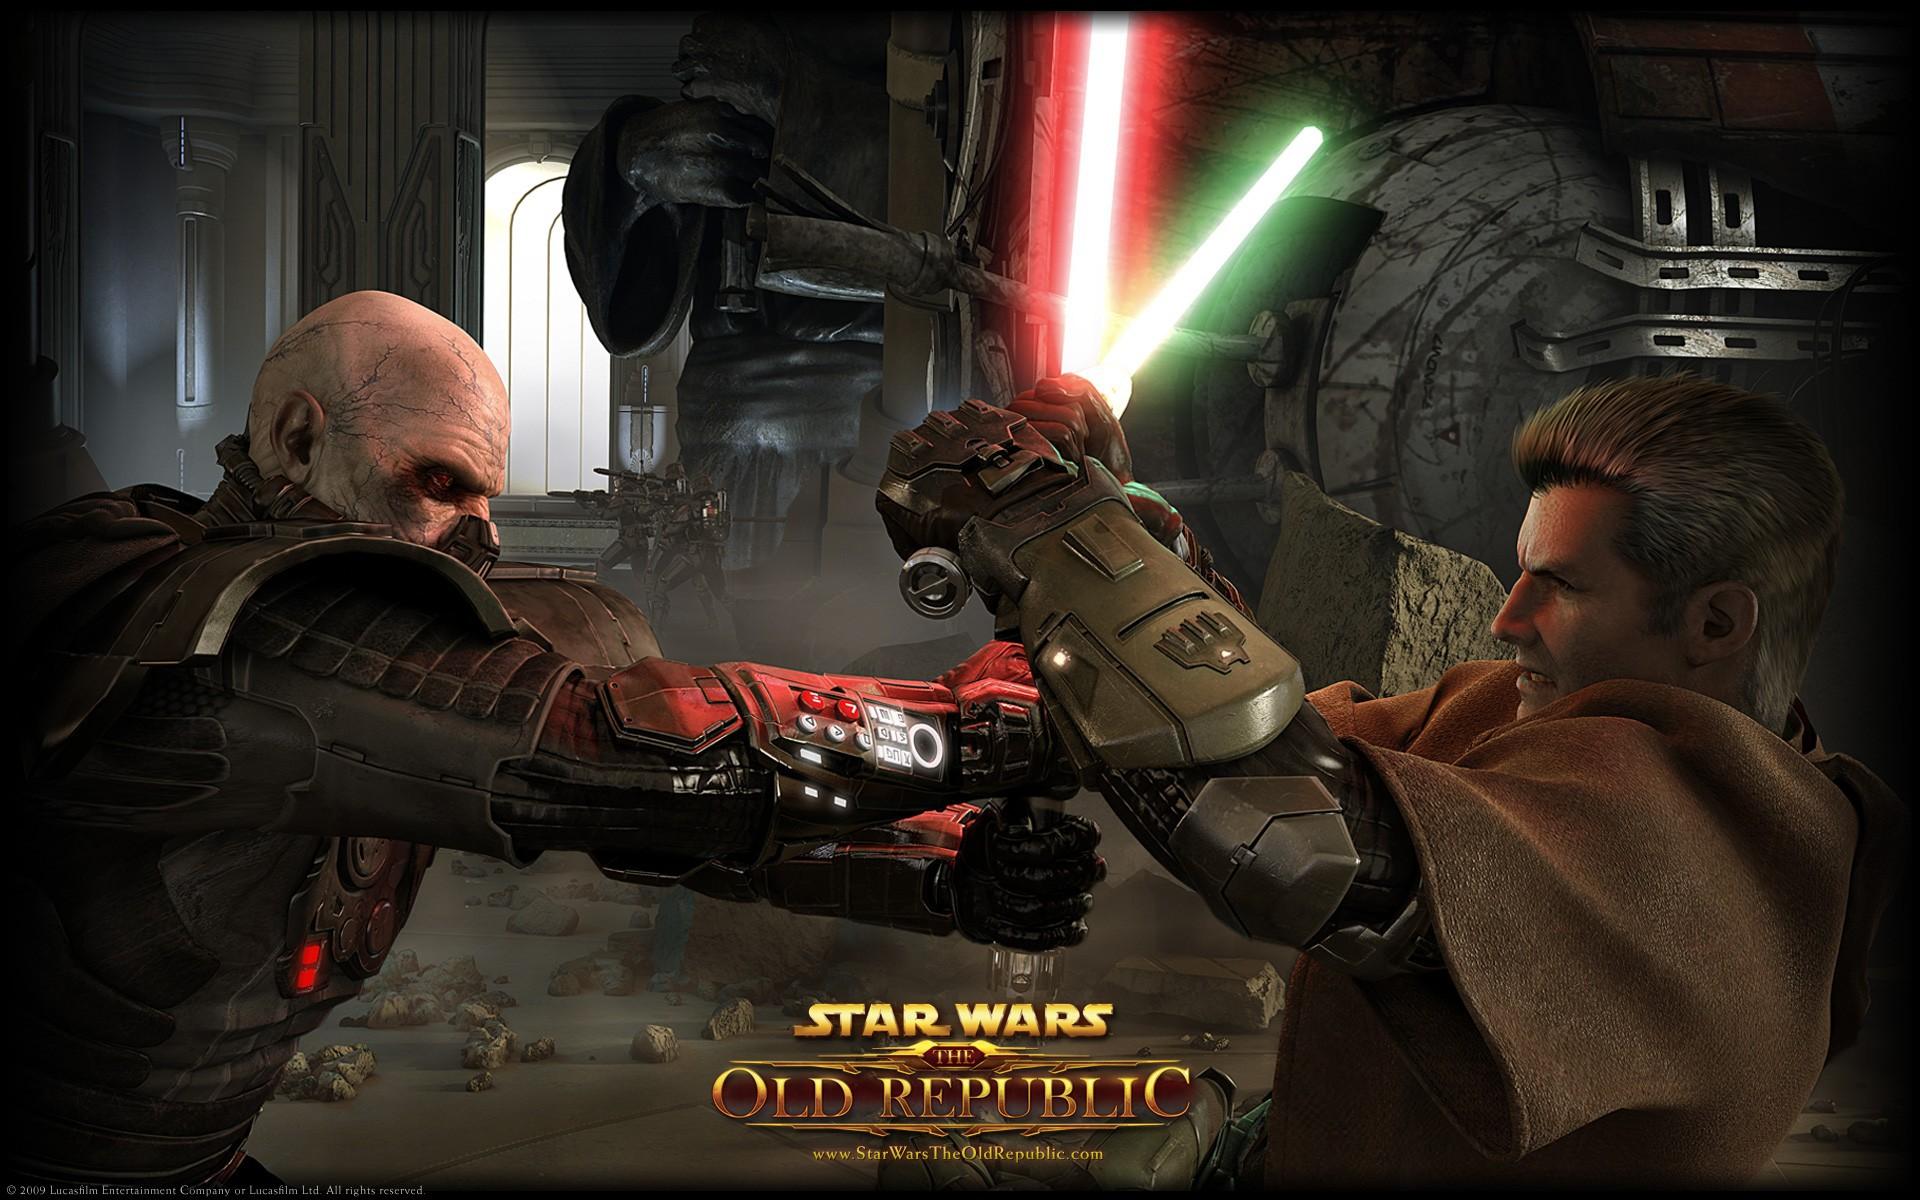 Звездные войны игры 2014 на пк игра на пк черепашки ниндзя манхеттен